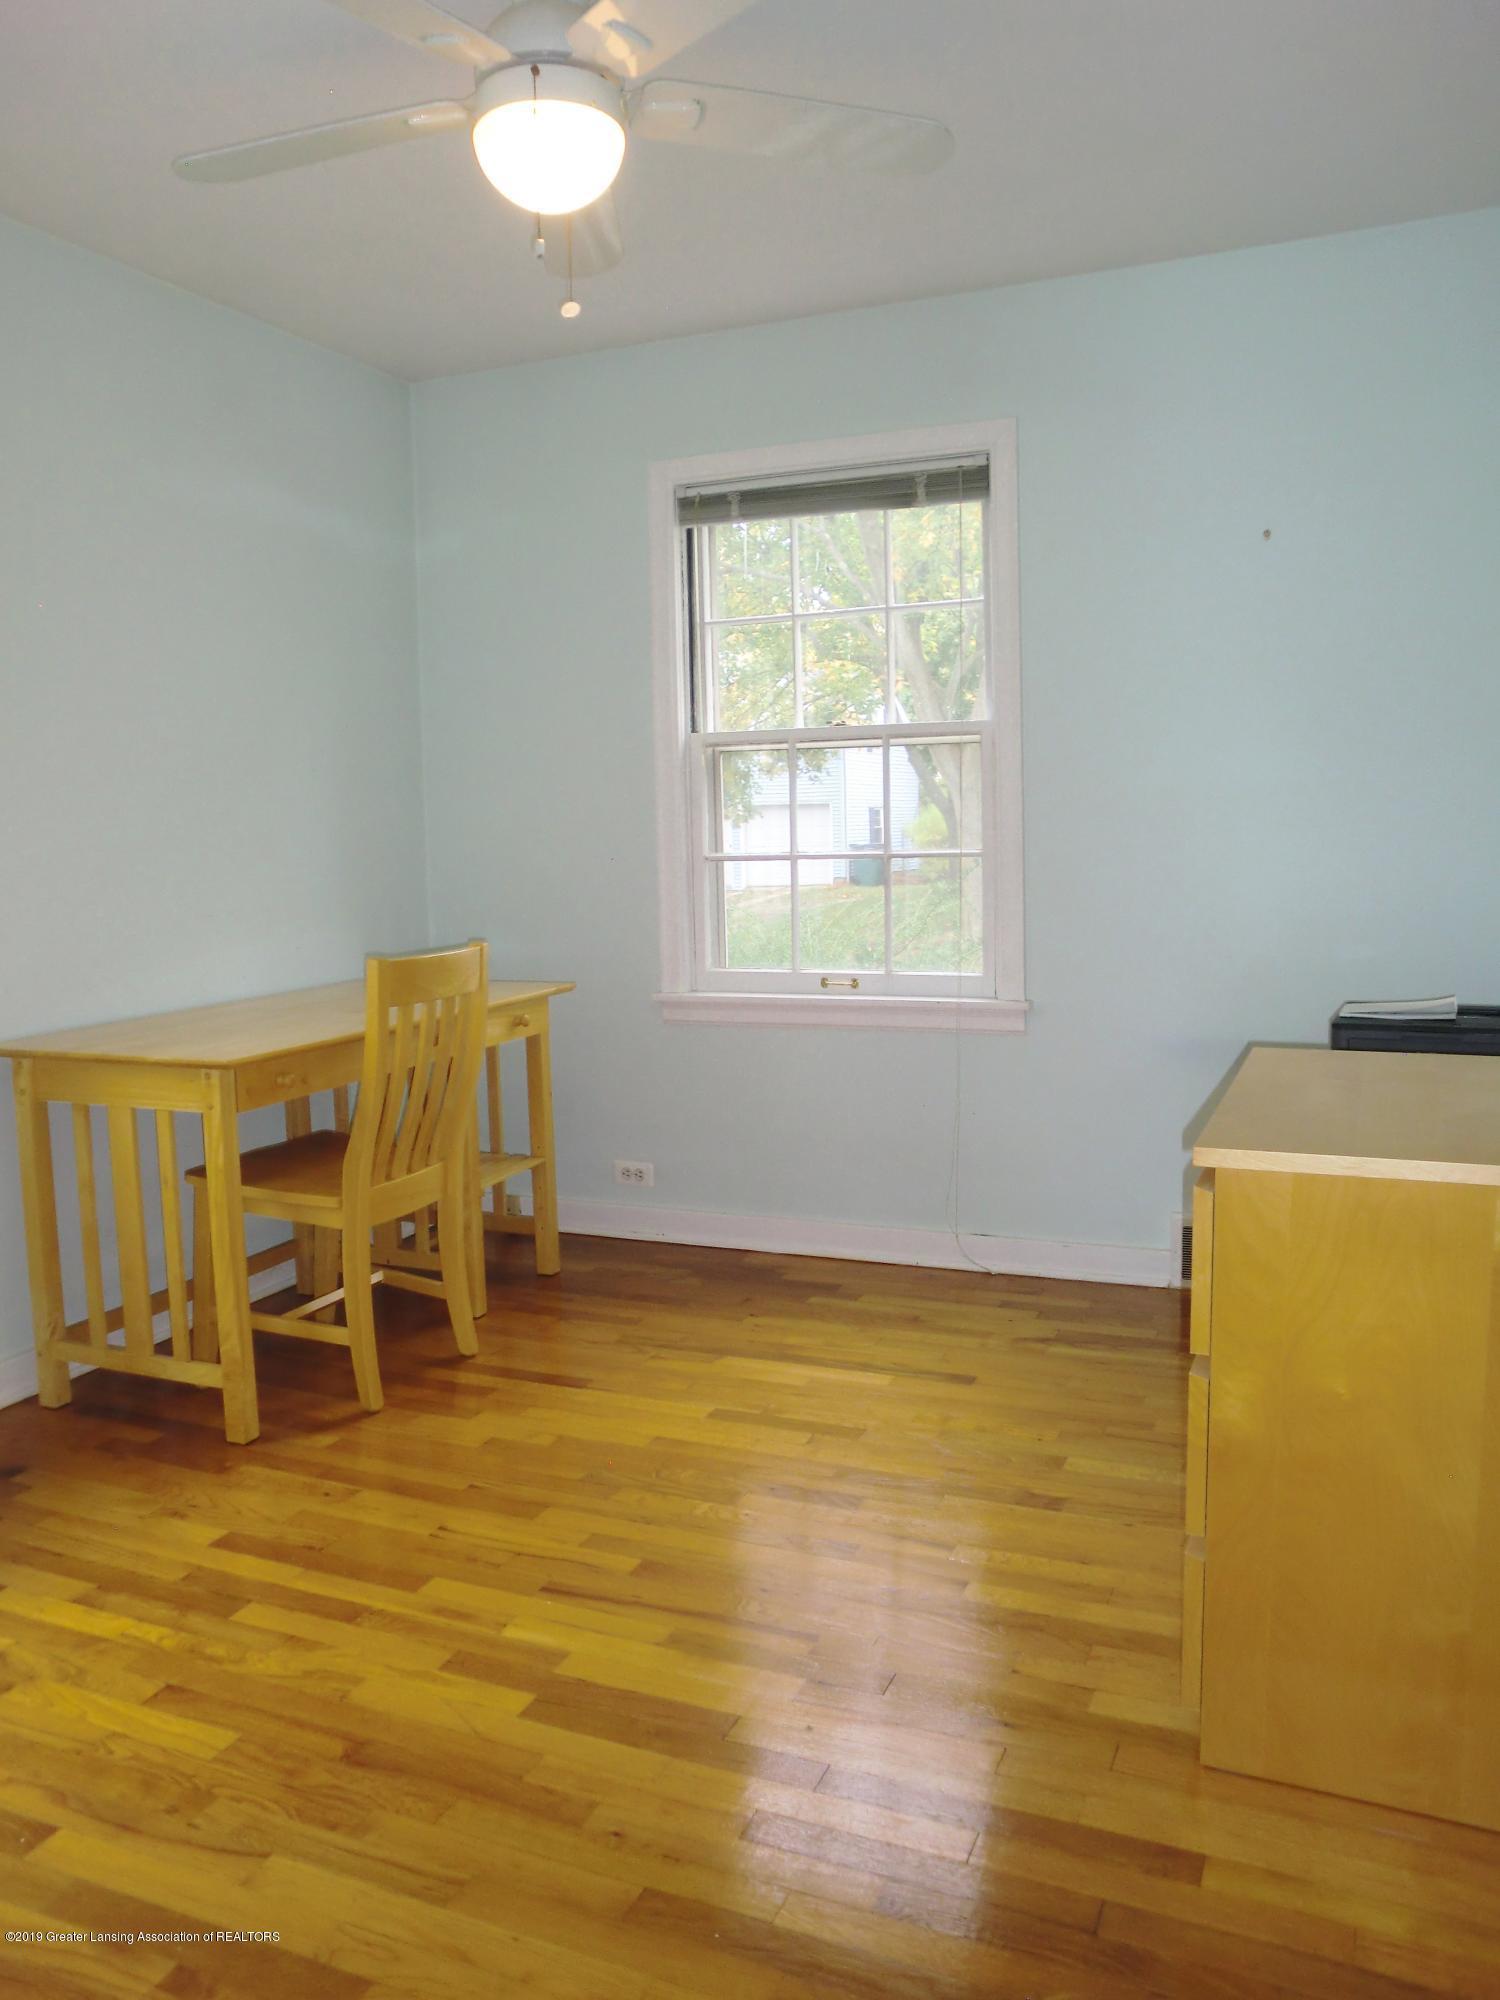 704 Beech St - Main Floor Bedroom - 15